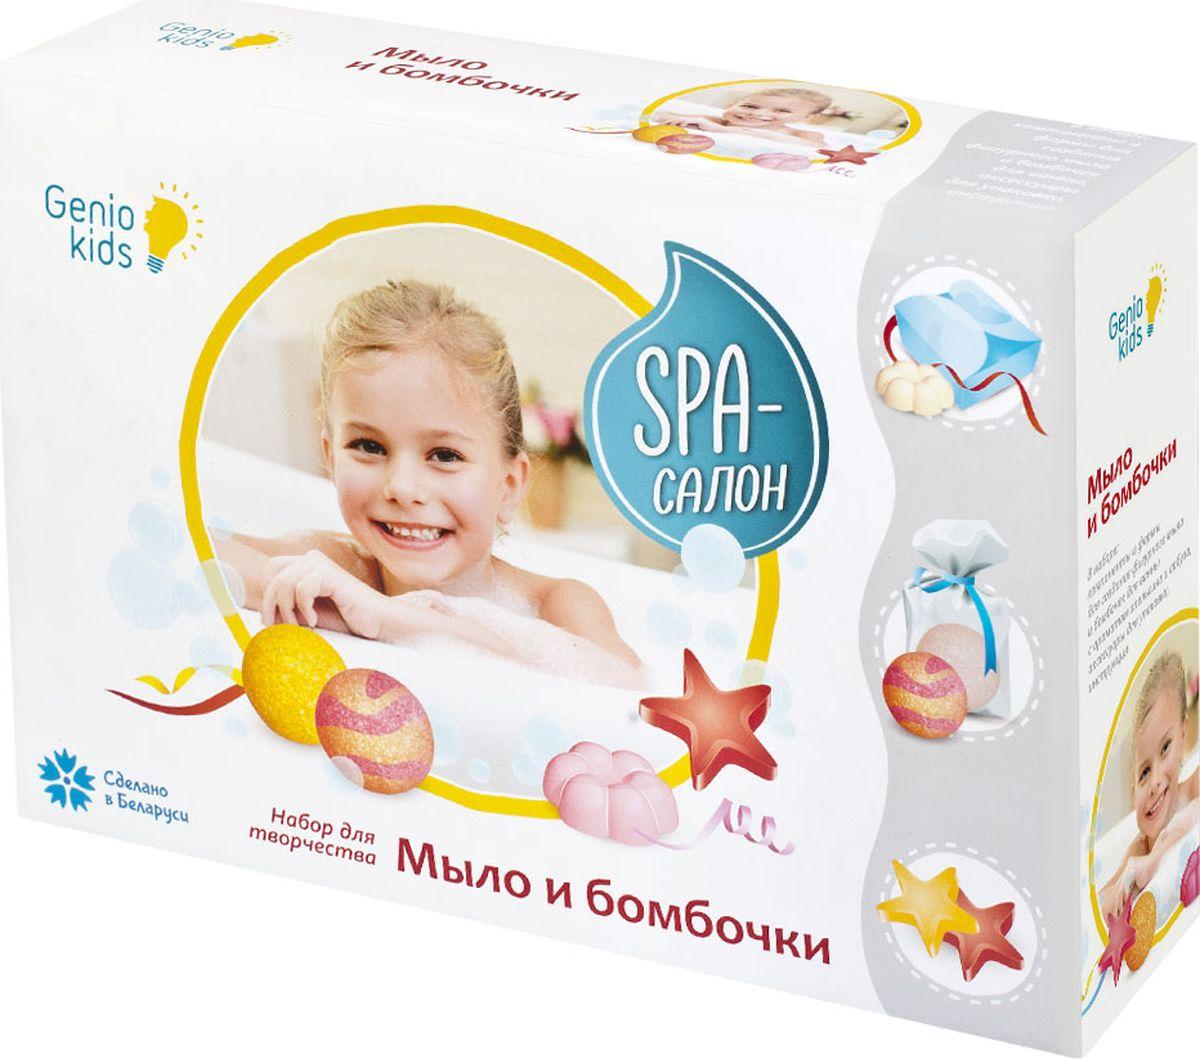 Genio Kids Набор для изготовления мыла SPA-салон